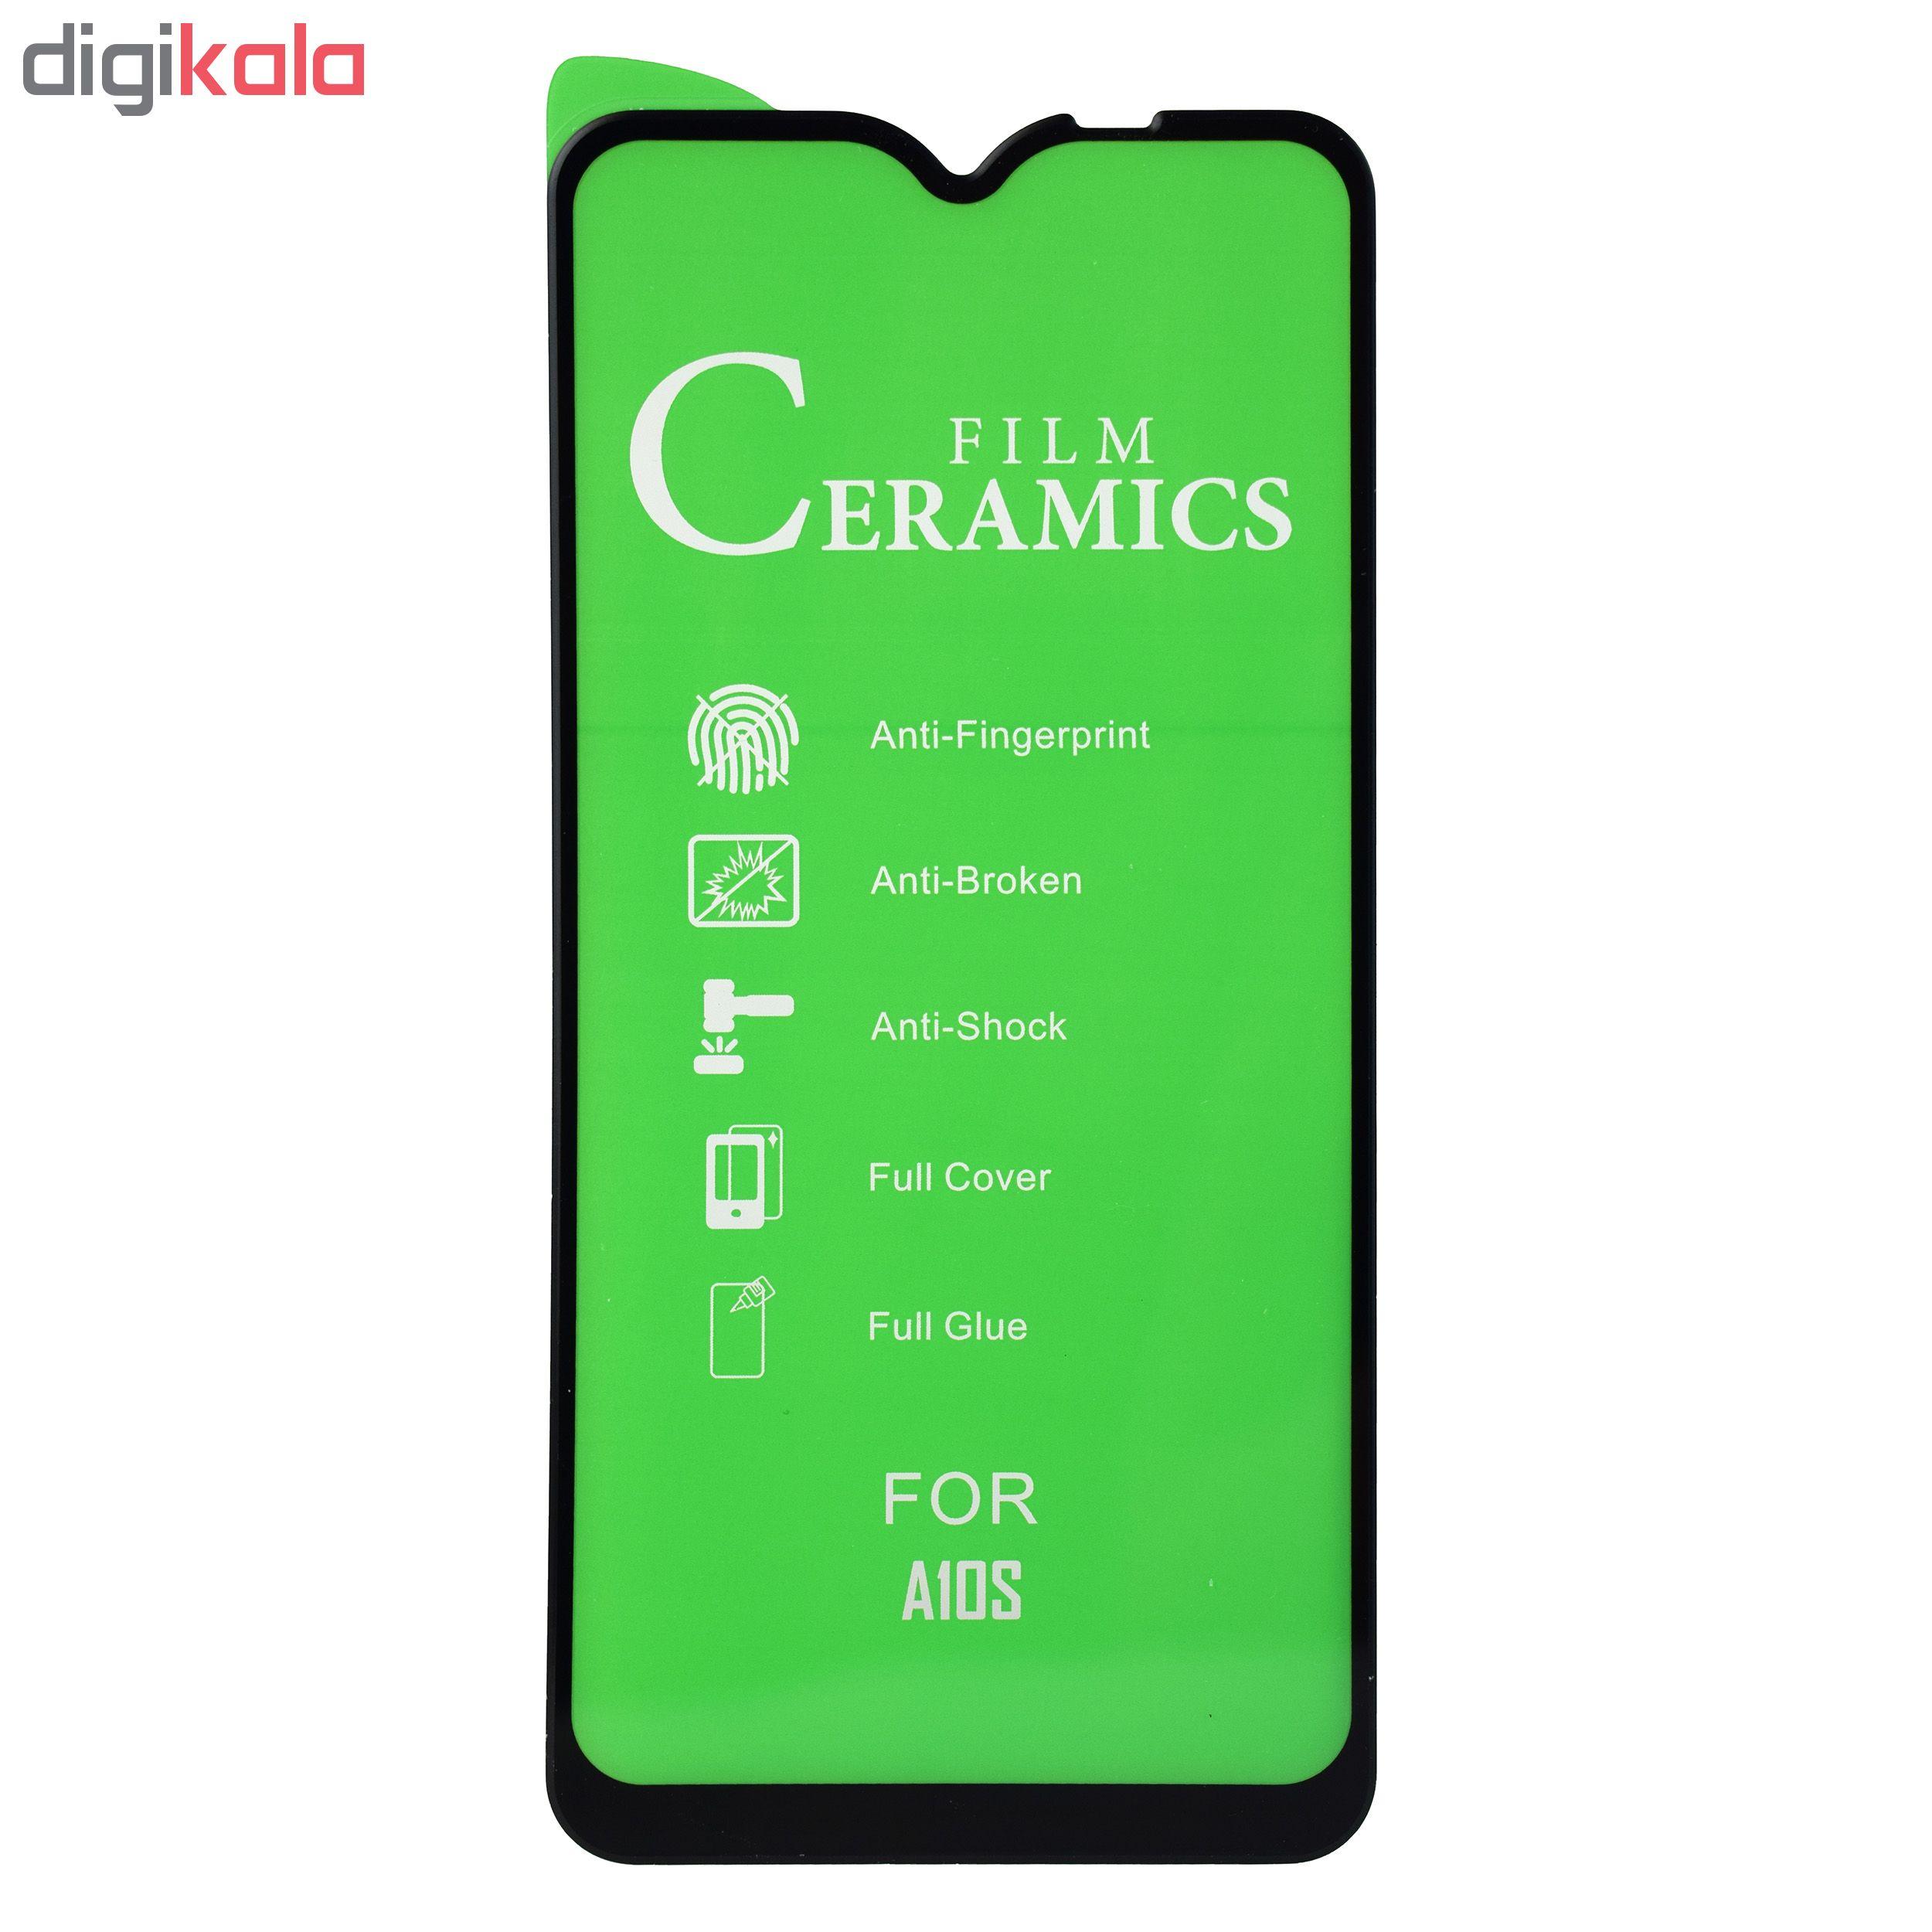 محافظ صفحه نمایش مدل CF9 مناسب برای گوشی موبایل سامسونگ Galaxy A10s main 1 1